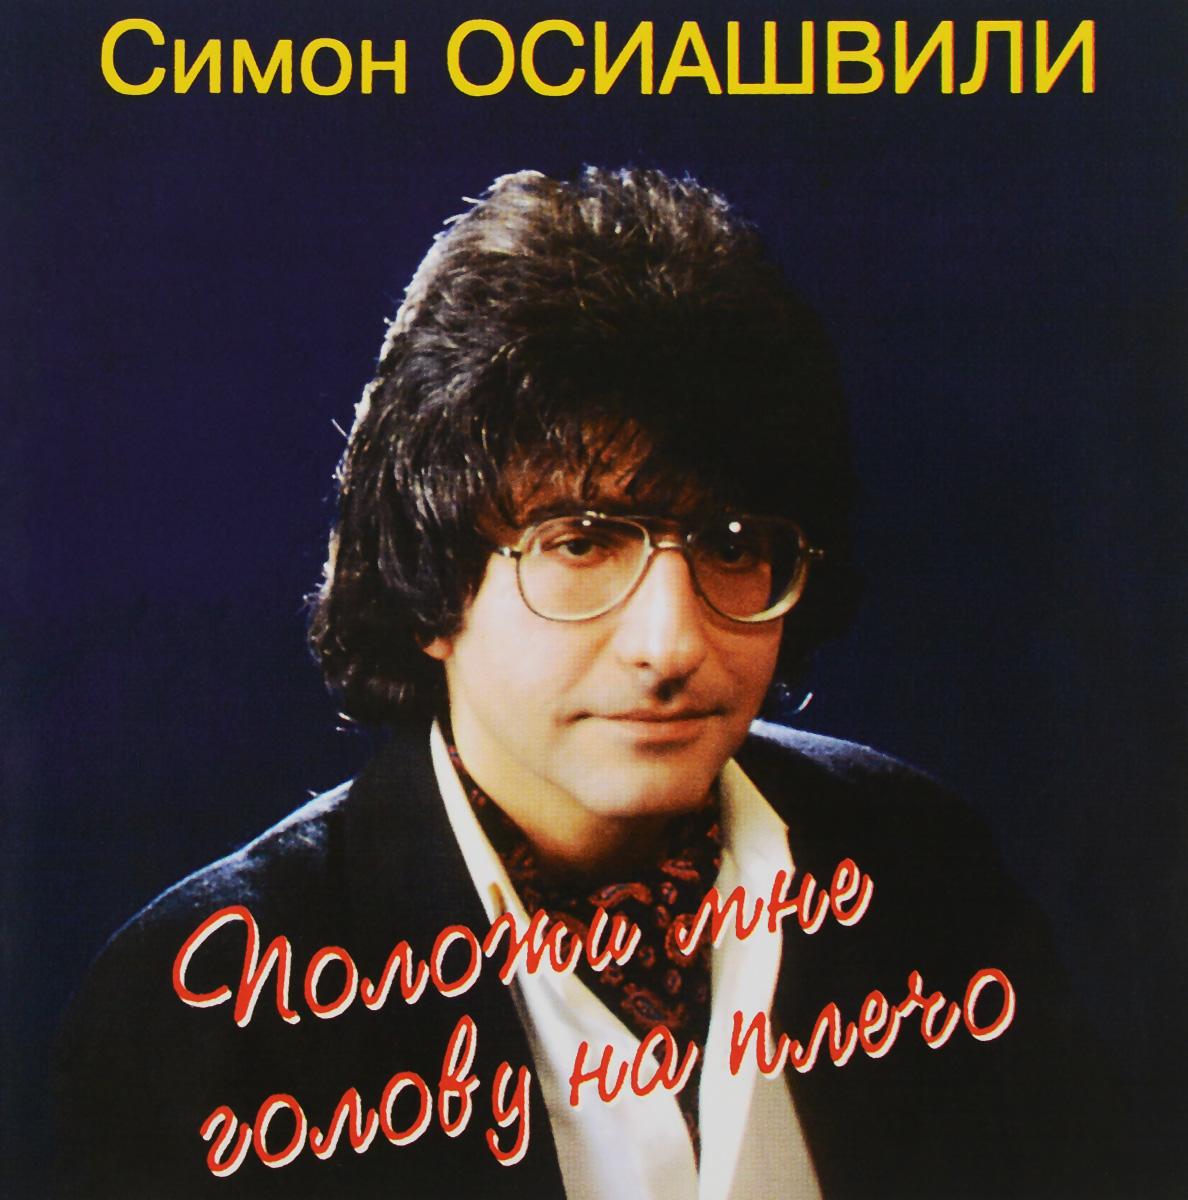 Симон Осиашвили Симон Осиашвили. Положи мне голову на плечо цена